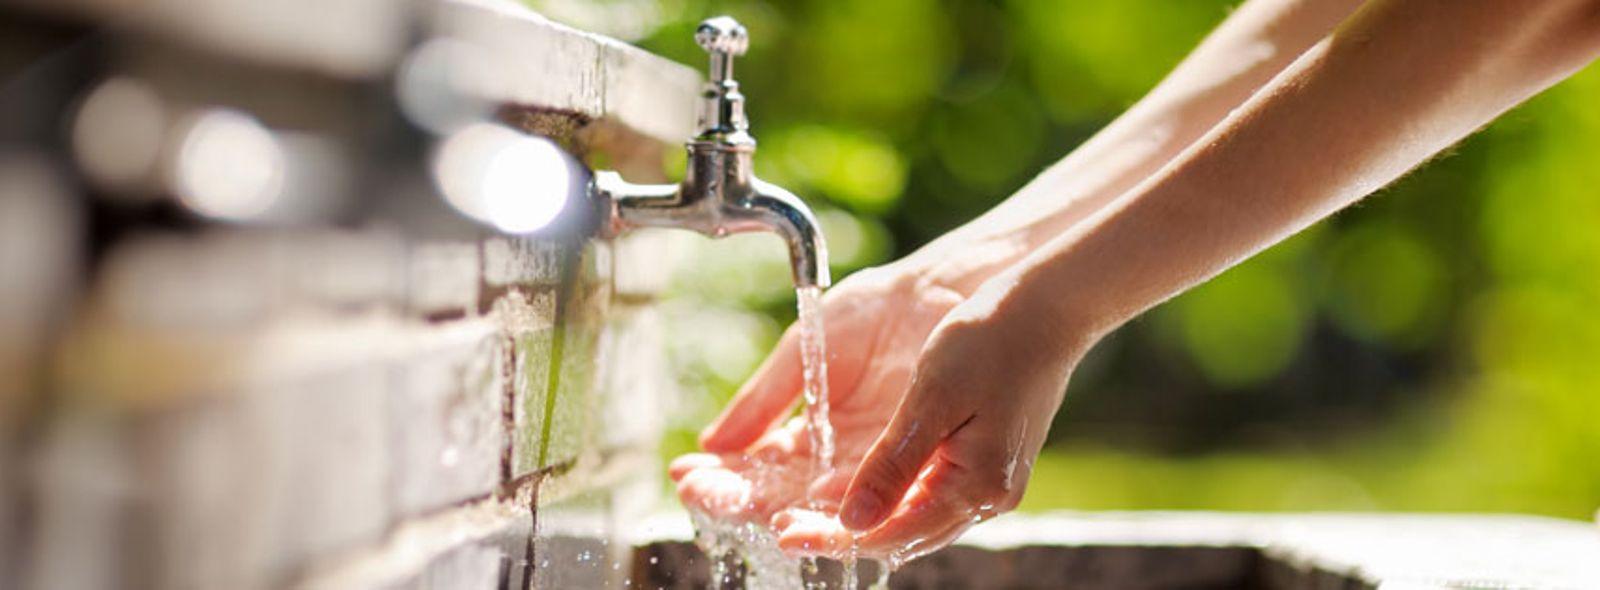 Come eliminare odore di pesce dalle mani